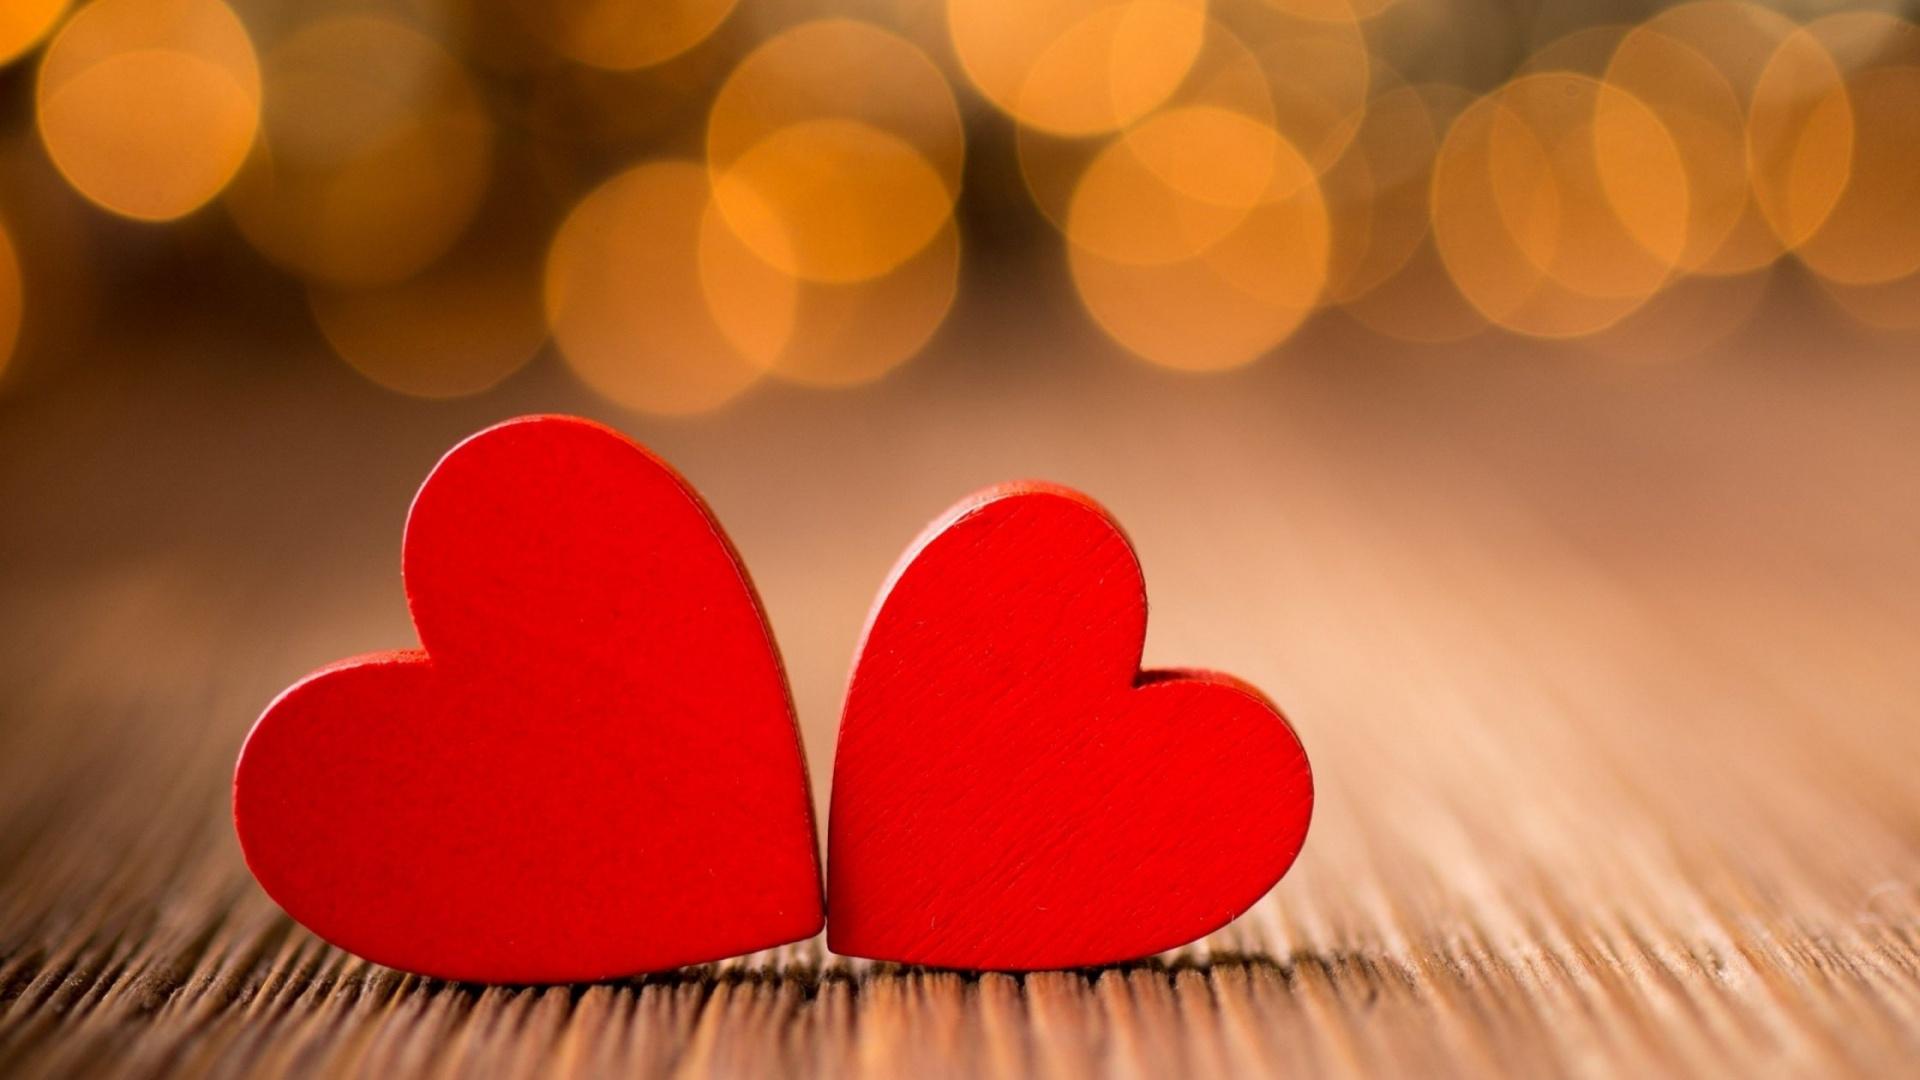 Hình nền trái tim đôi đẹp